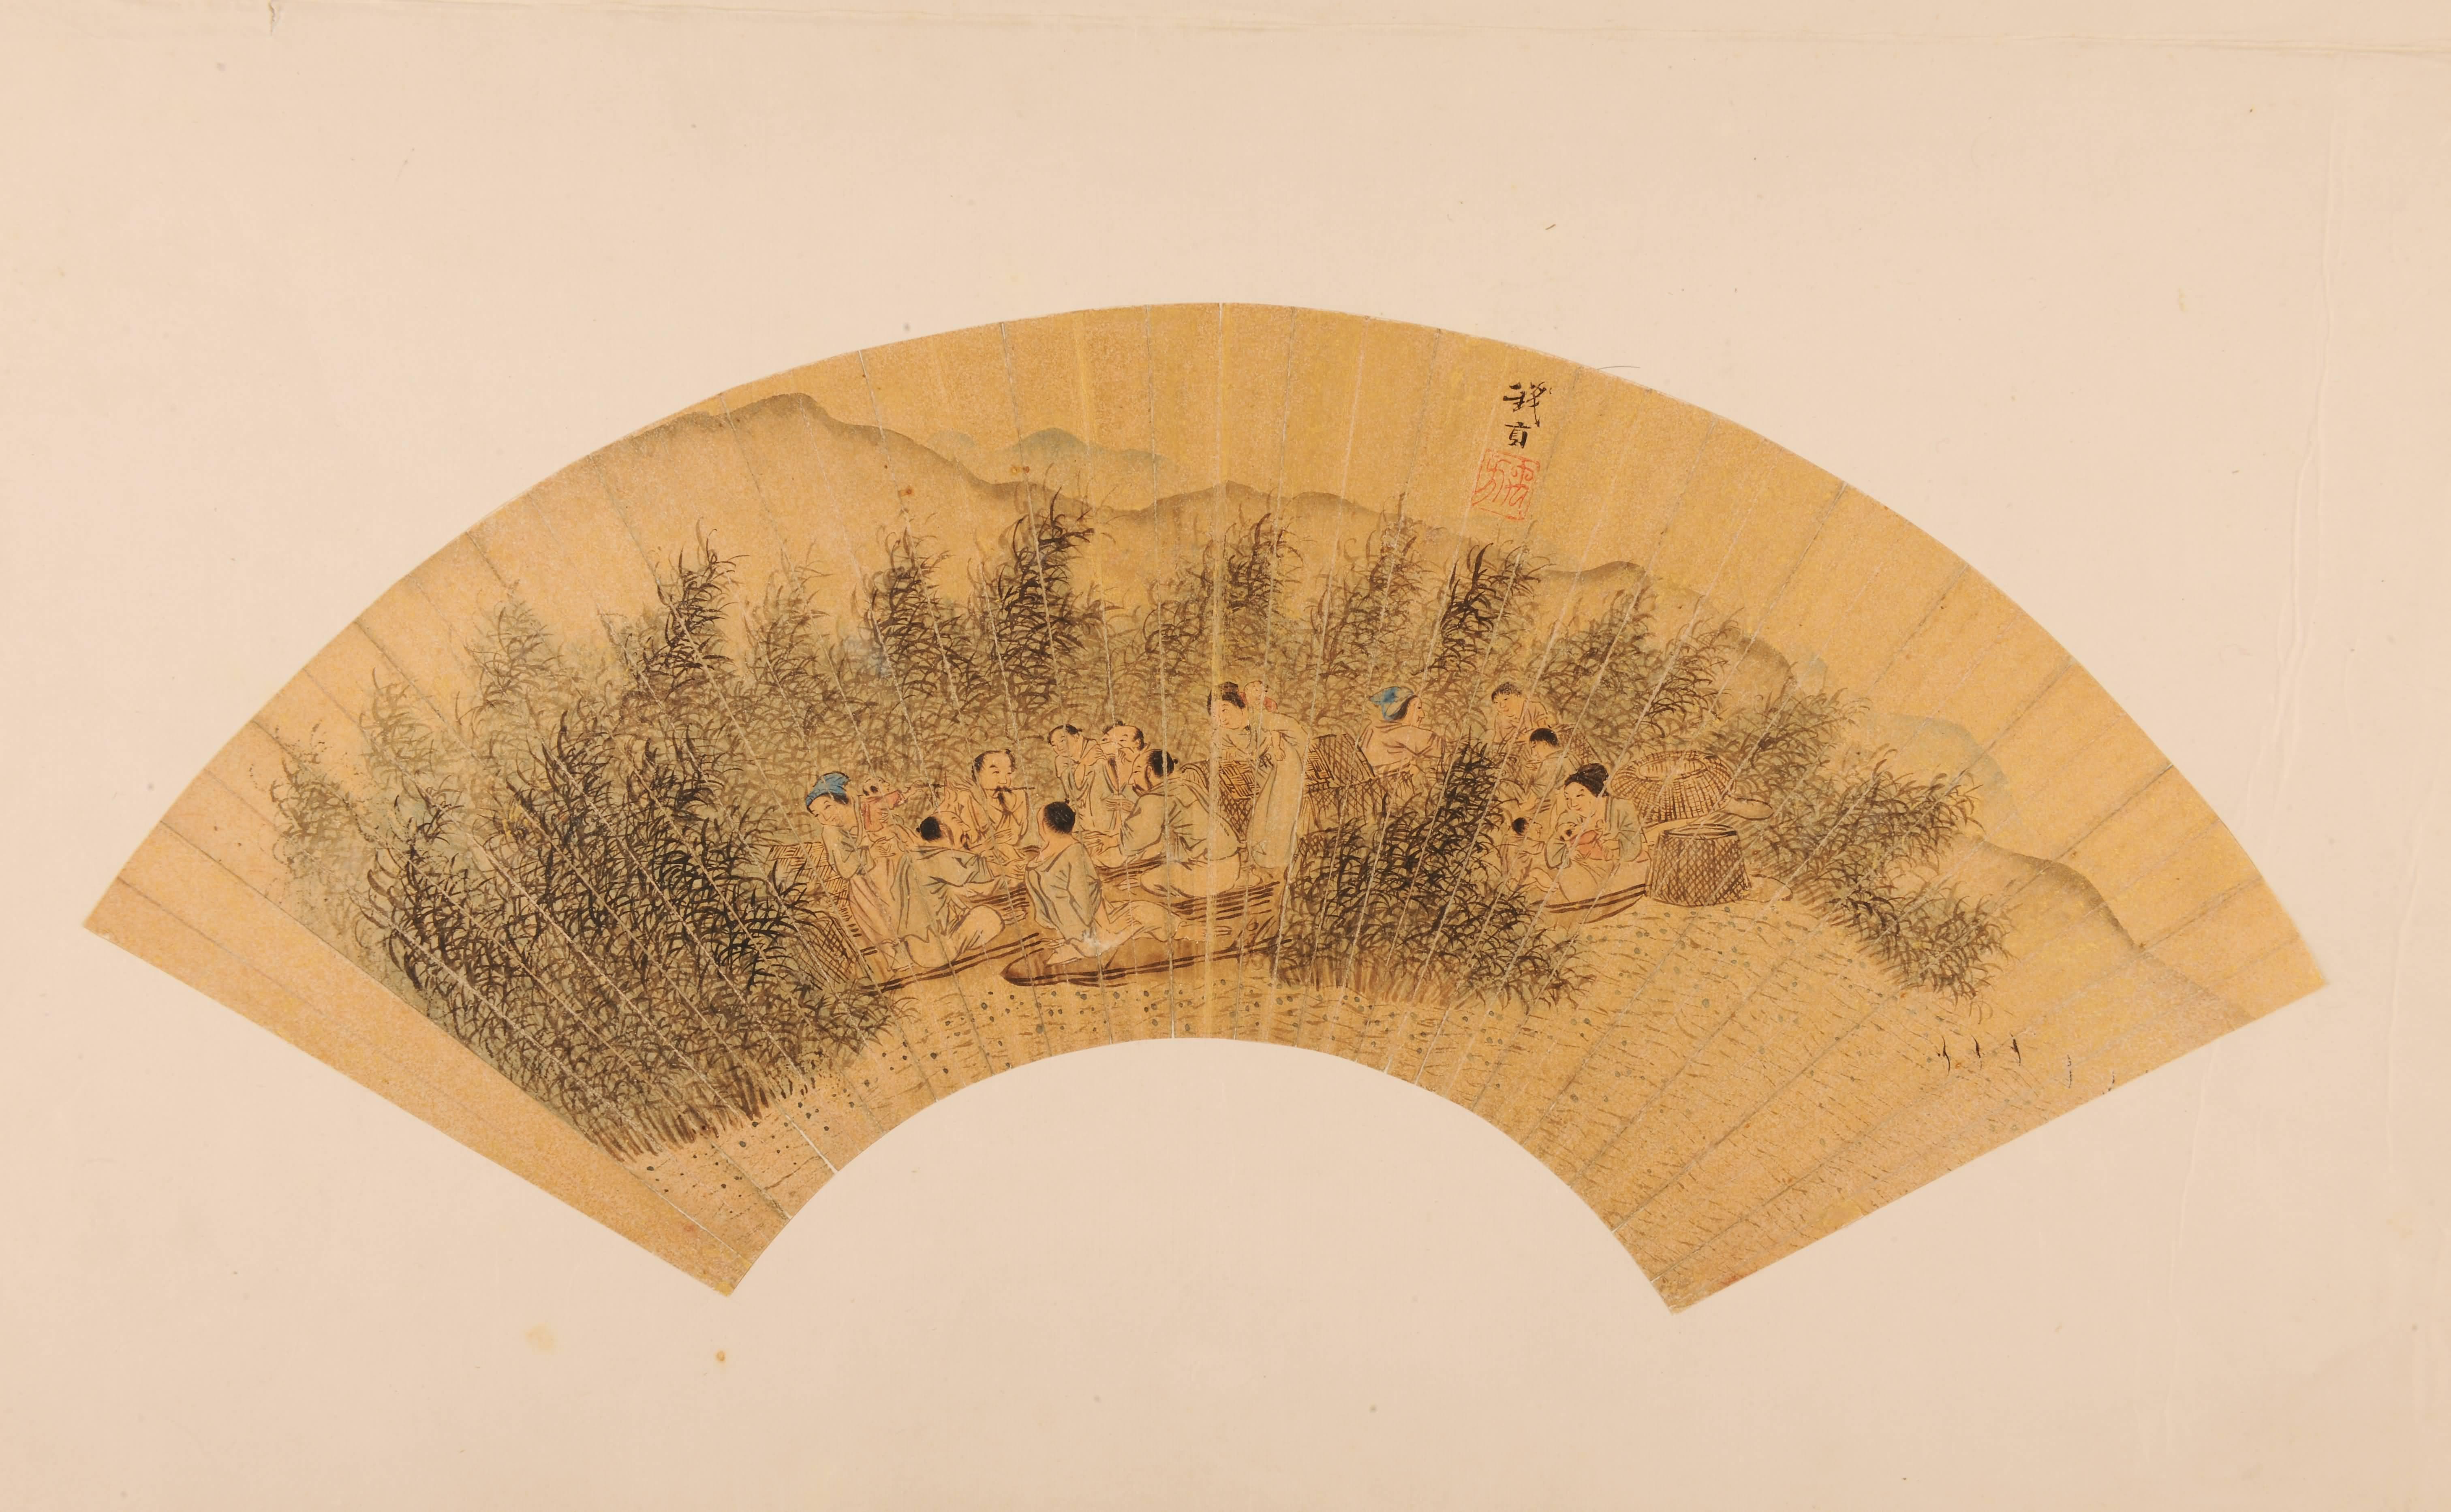 明长洲(今江苏苏州)人.字服卿,号少谷,擅写意花鸟画,均别有神